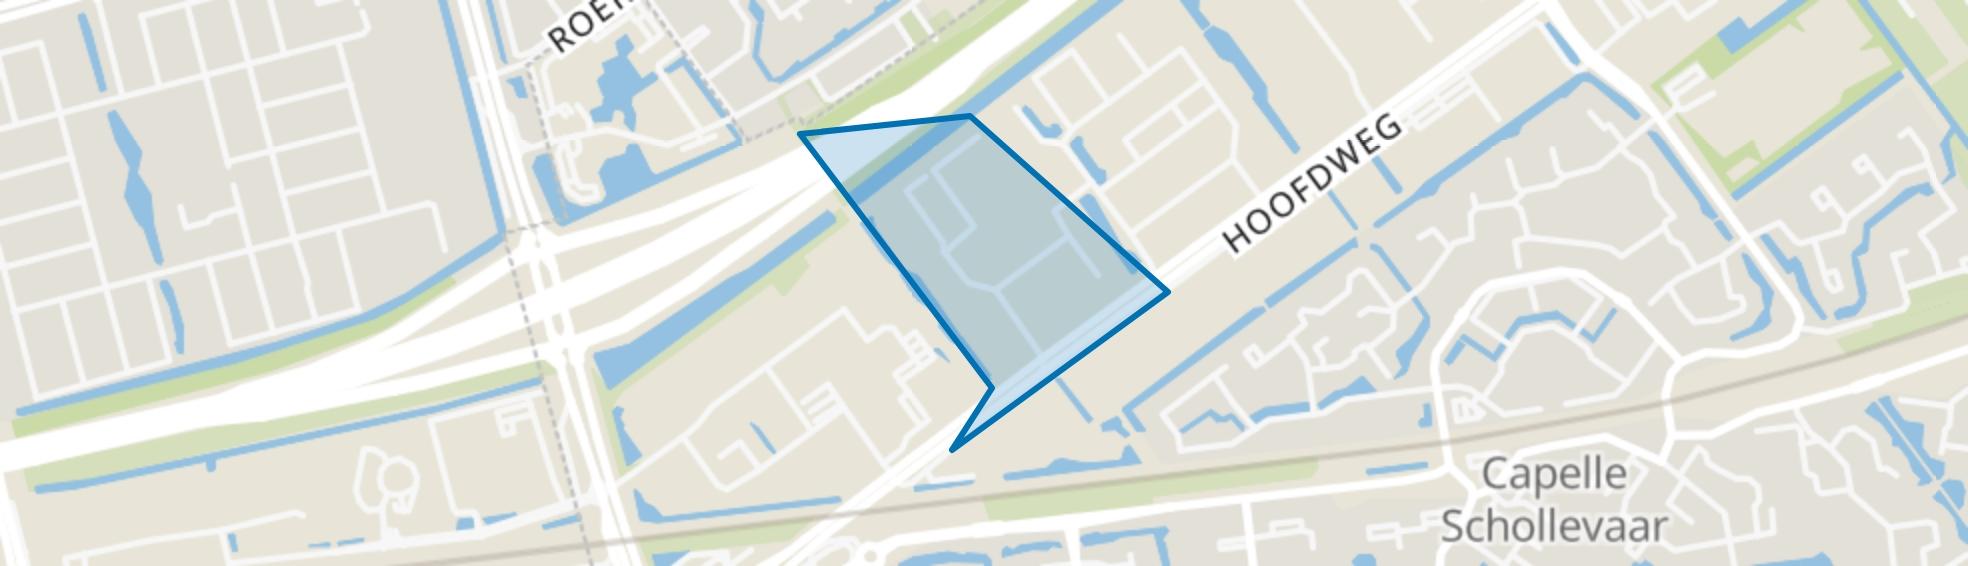 Hoofdweg sector B, Capelle aan den IJssel map